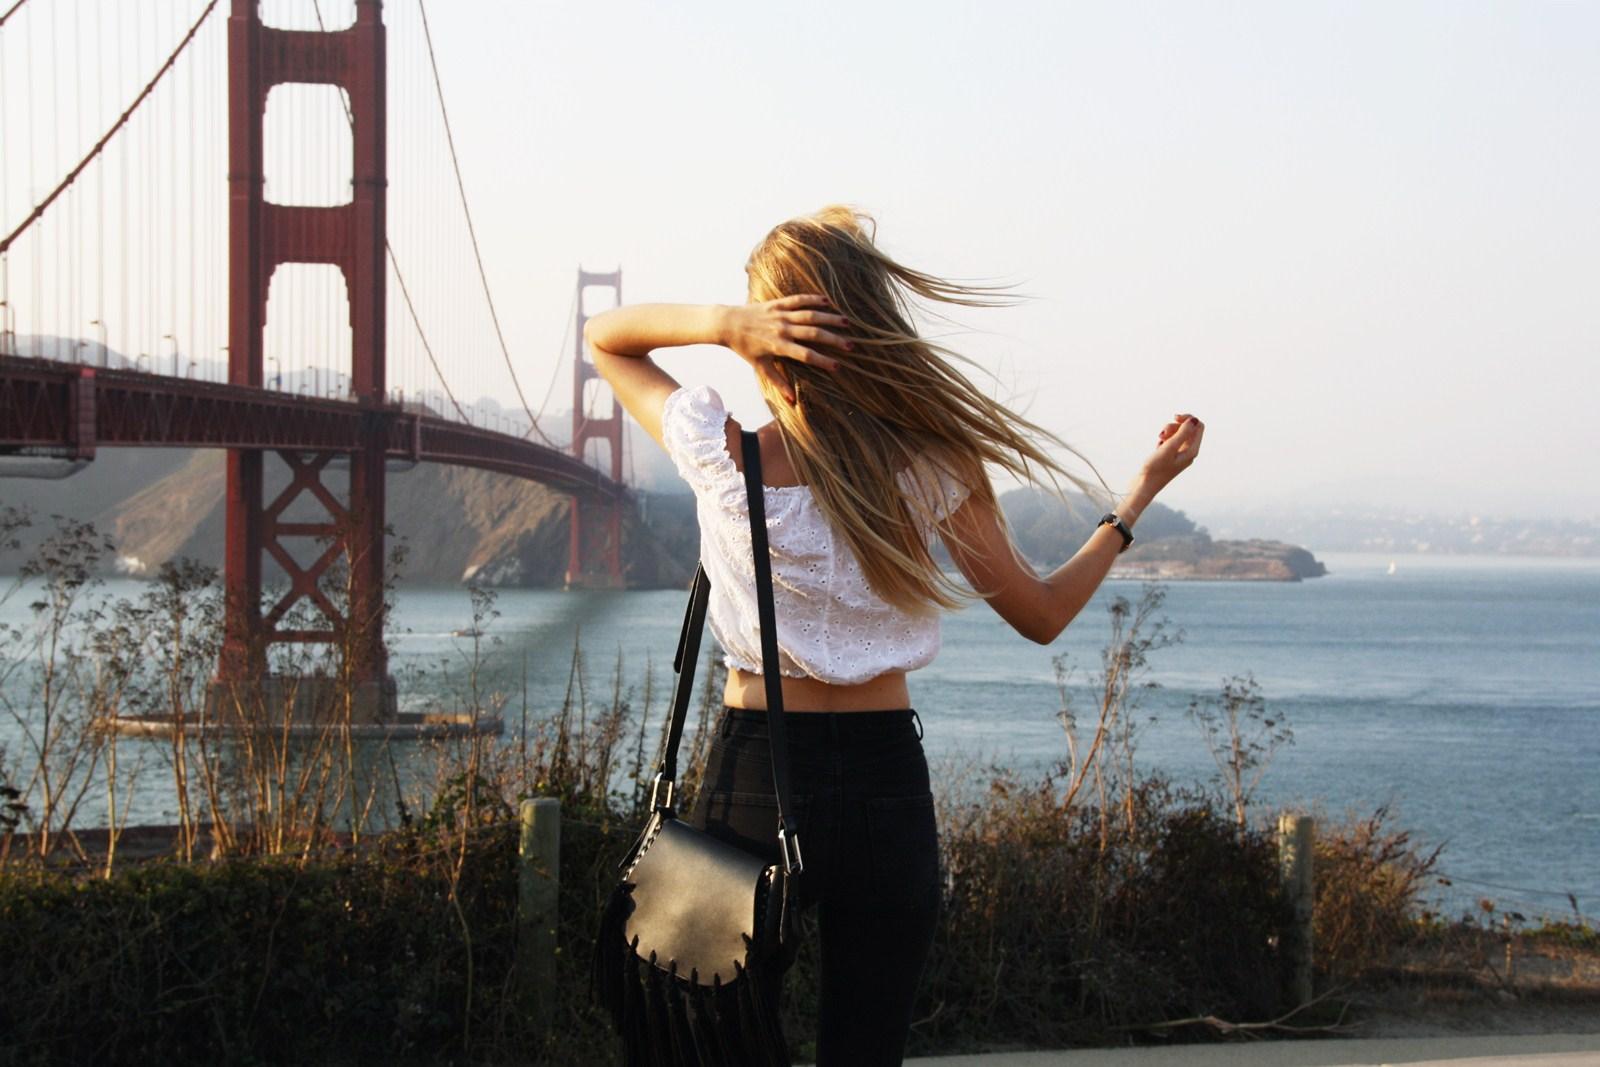 Auf meinem Reiseblog verrate ich euch die besten San Francisco Tipps für euren Städteurlaub